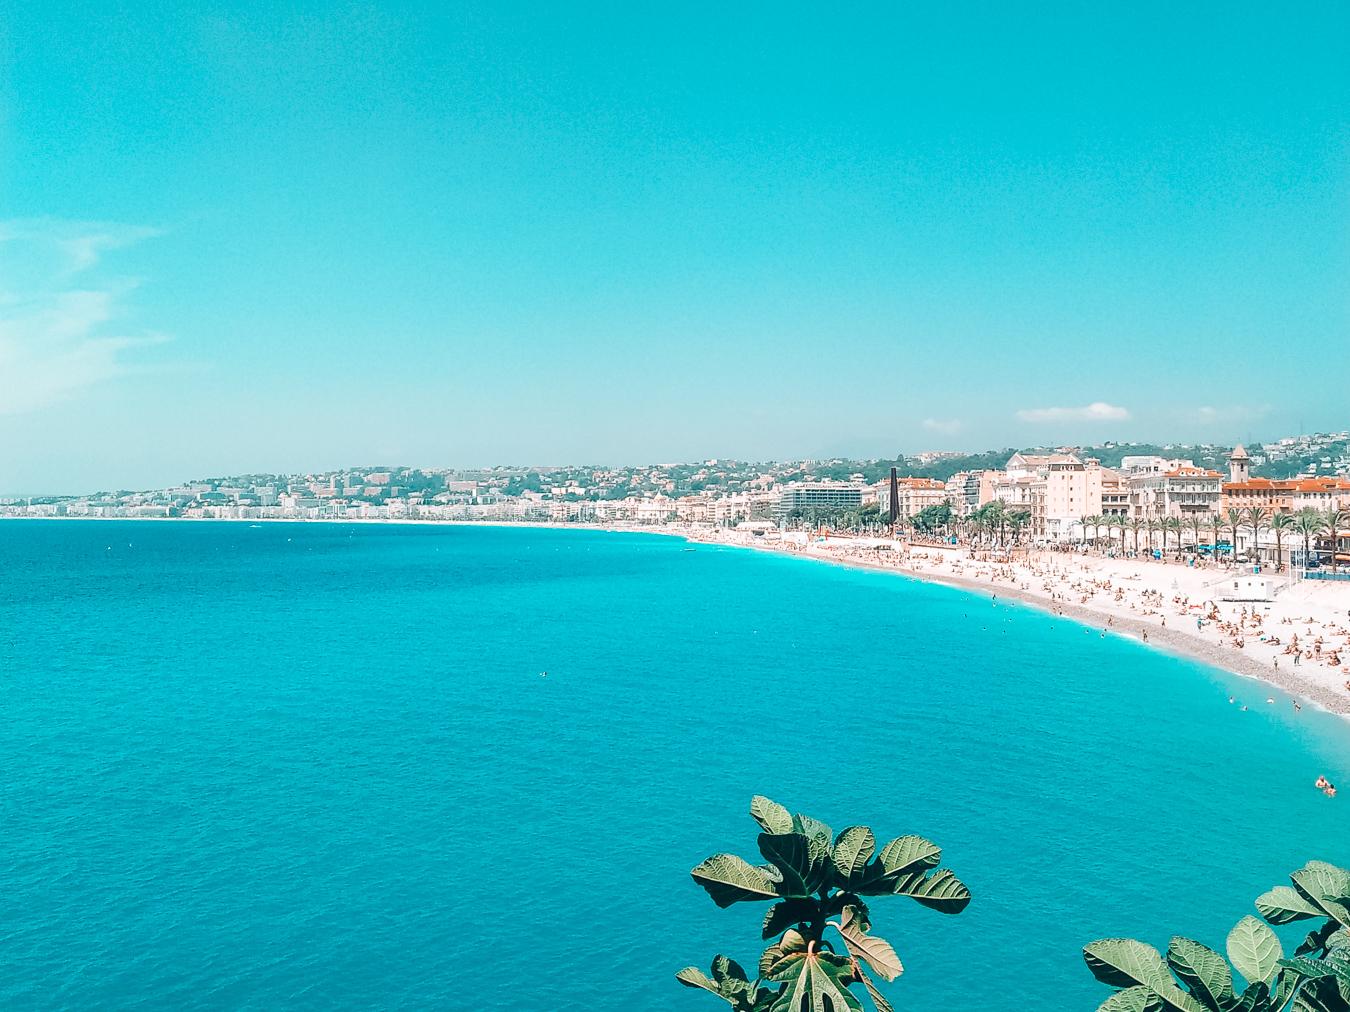 Sea and Nice